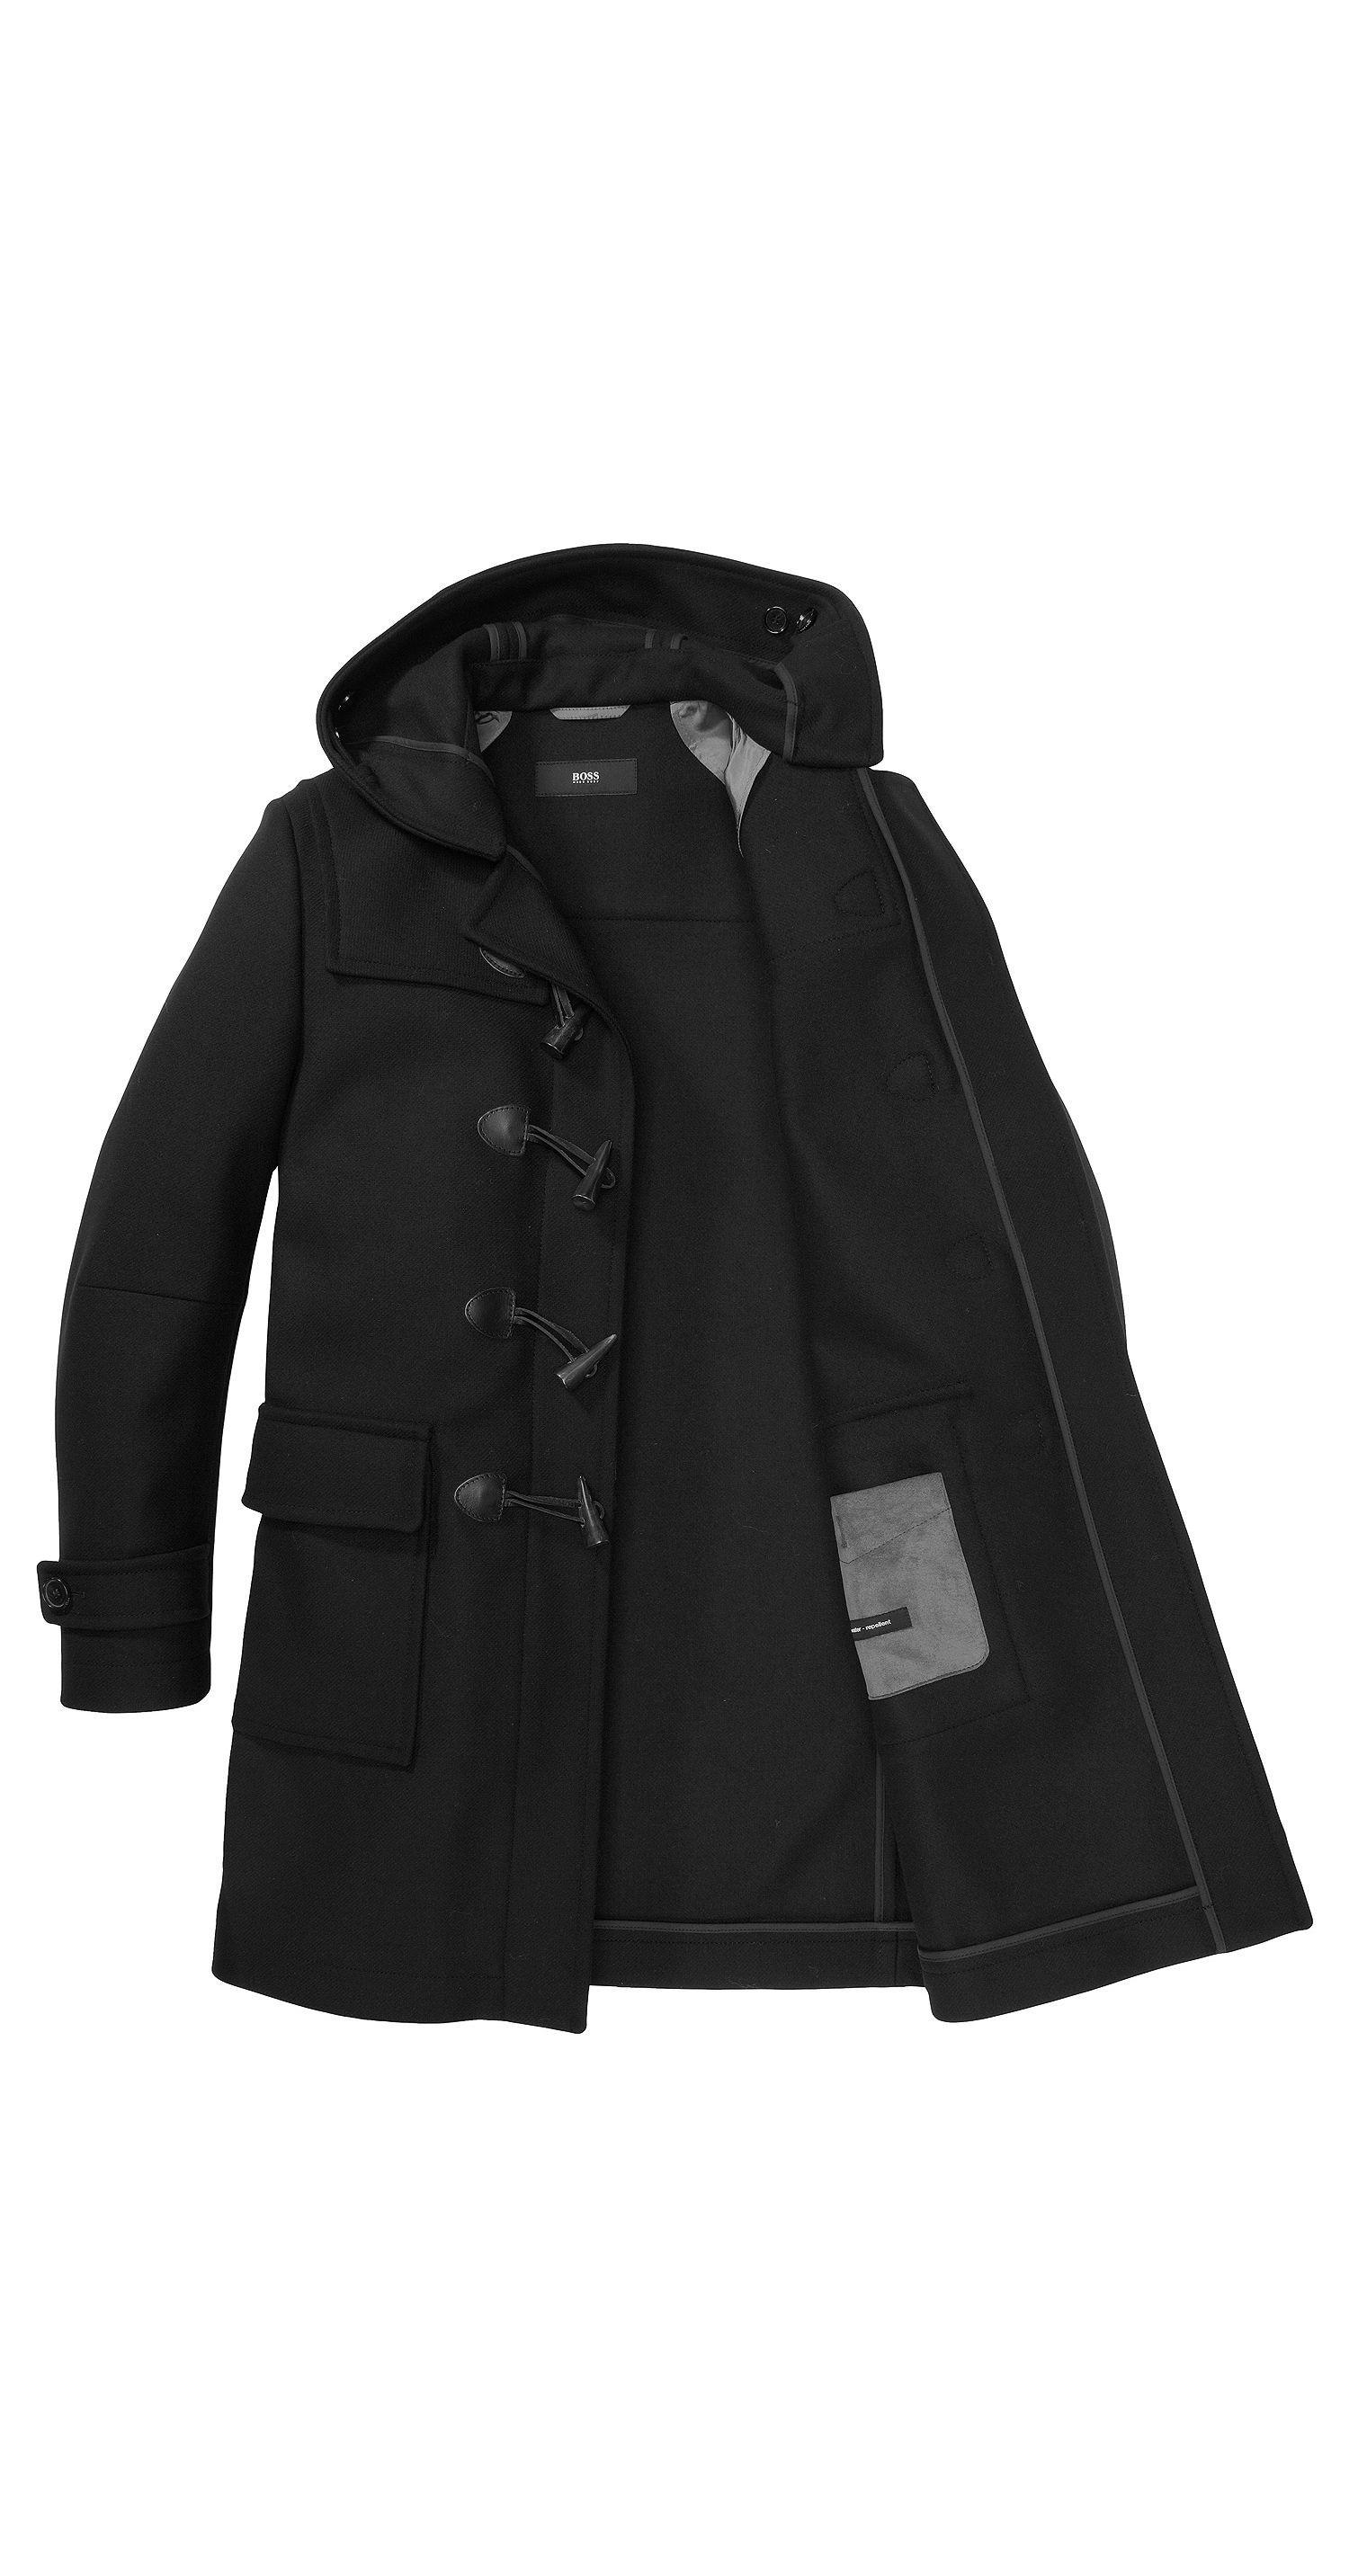 9e6957eaa85 Hugo Boss duffle coat